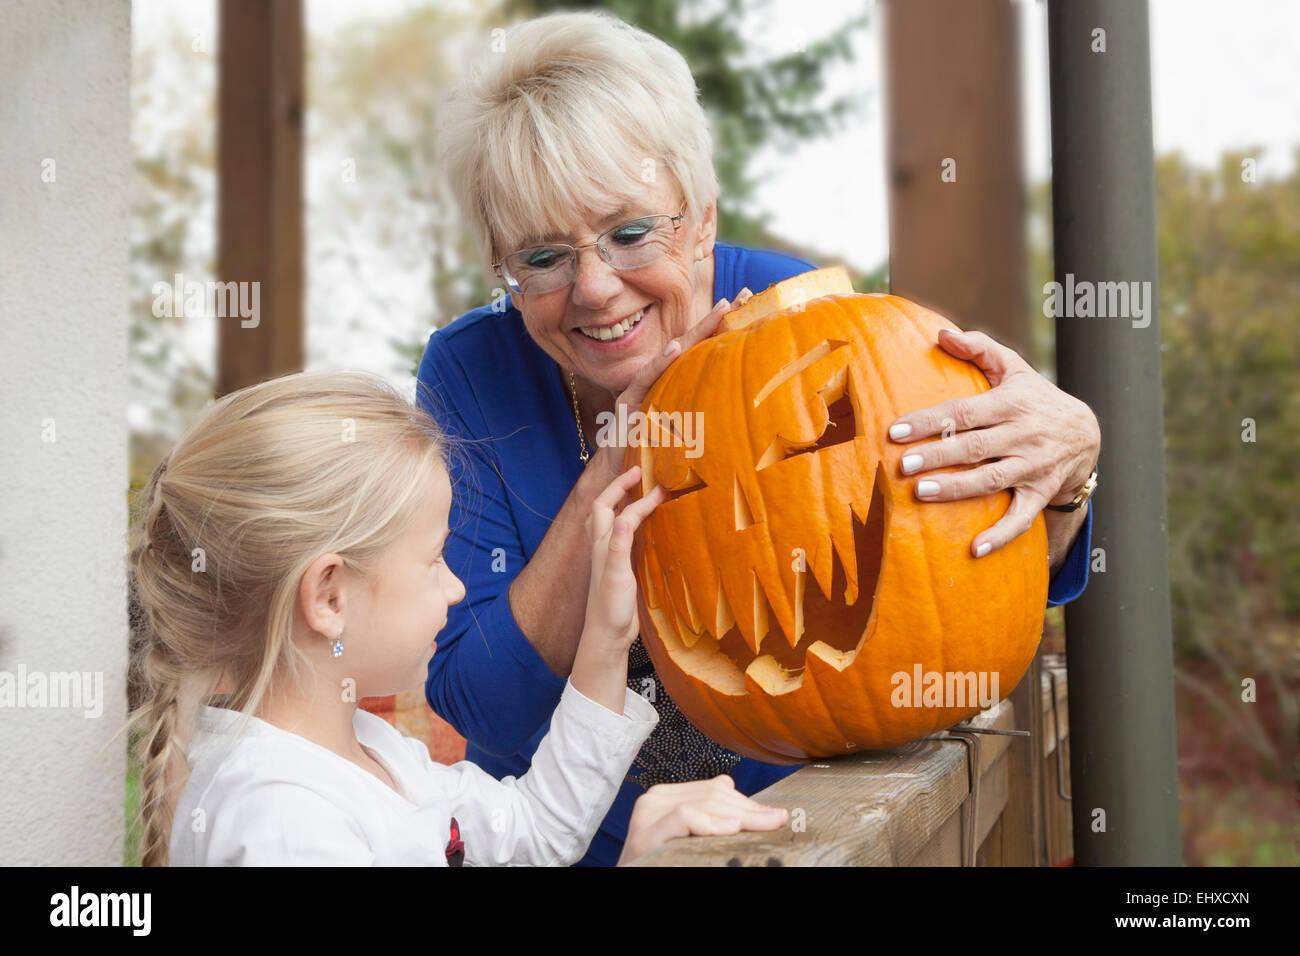 Mujer Senior mostrando Halloween calabaza a su nieta, Baviera, Alemania Imagen De Stock